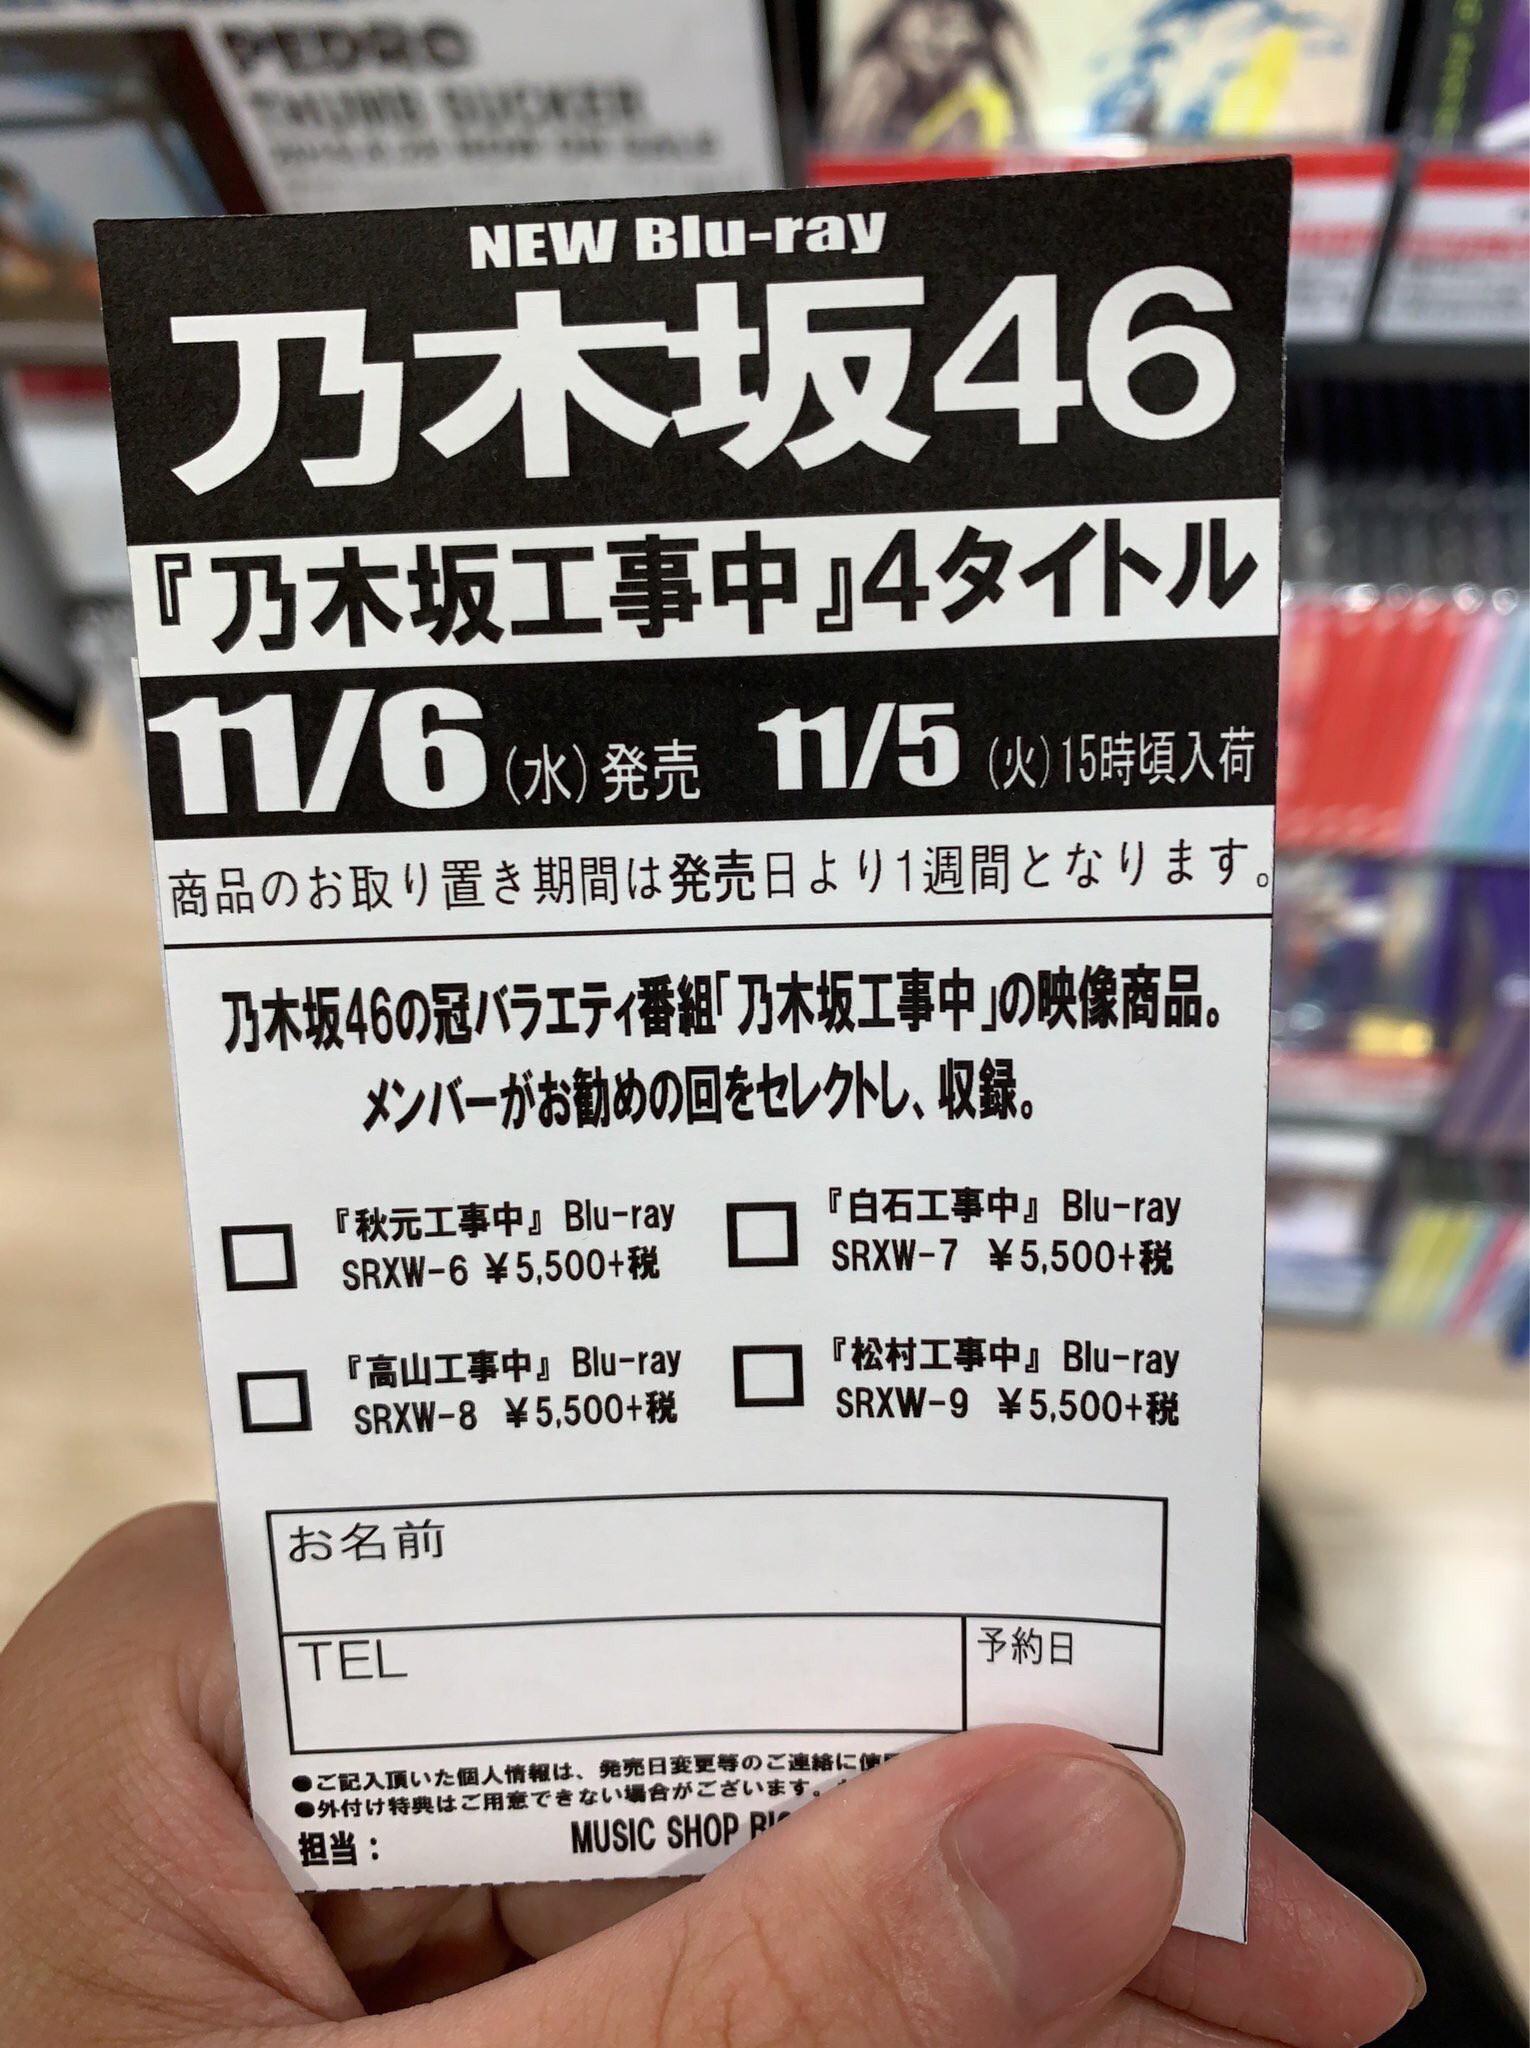 『乃木坂工事中』Blu-ray 秋元工事中・白石工事中・高山工事中・松村工事中